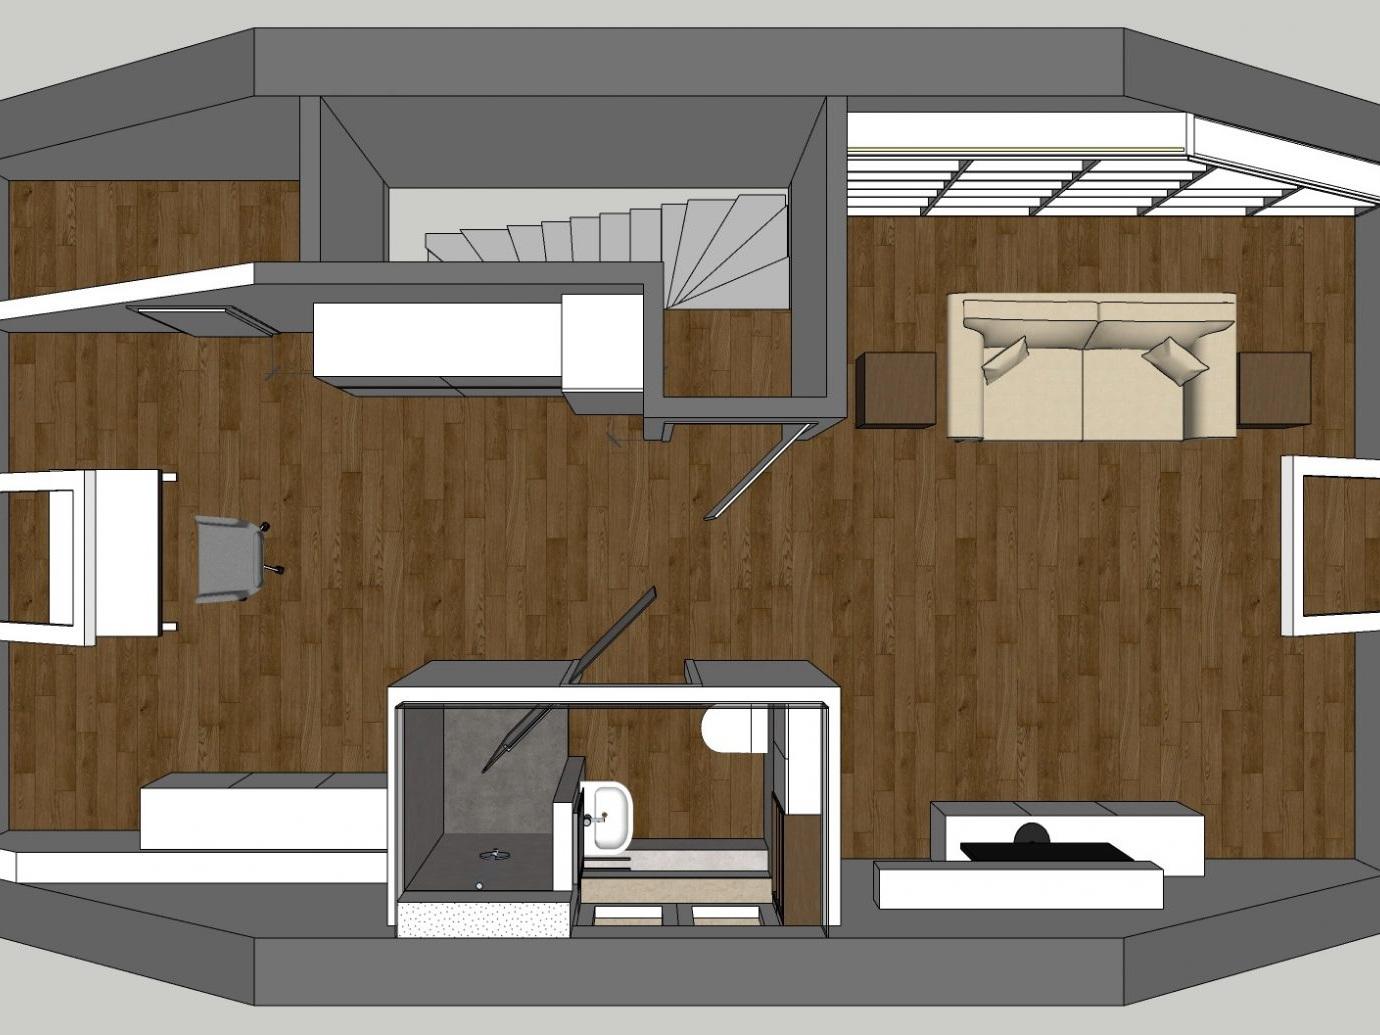 Bücherregal im Dachgeschoss -Visualisierung Dachgeschoss